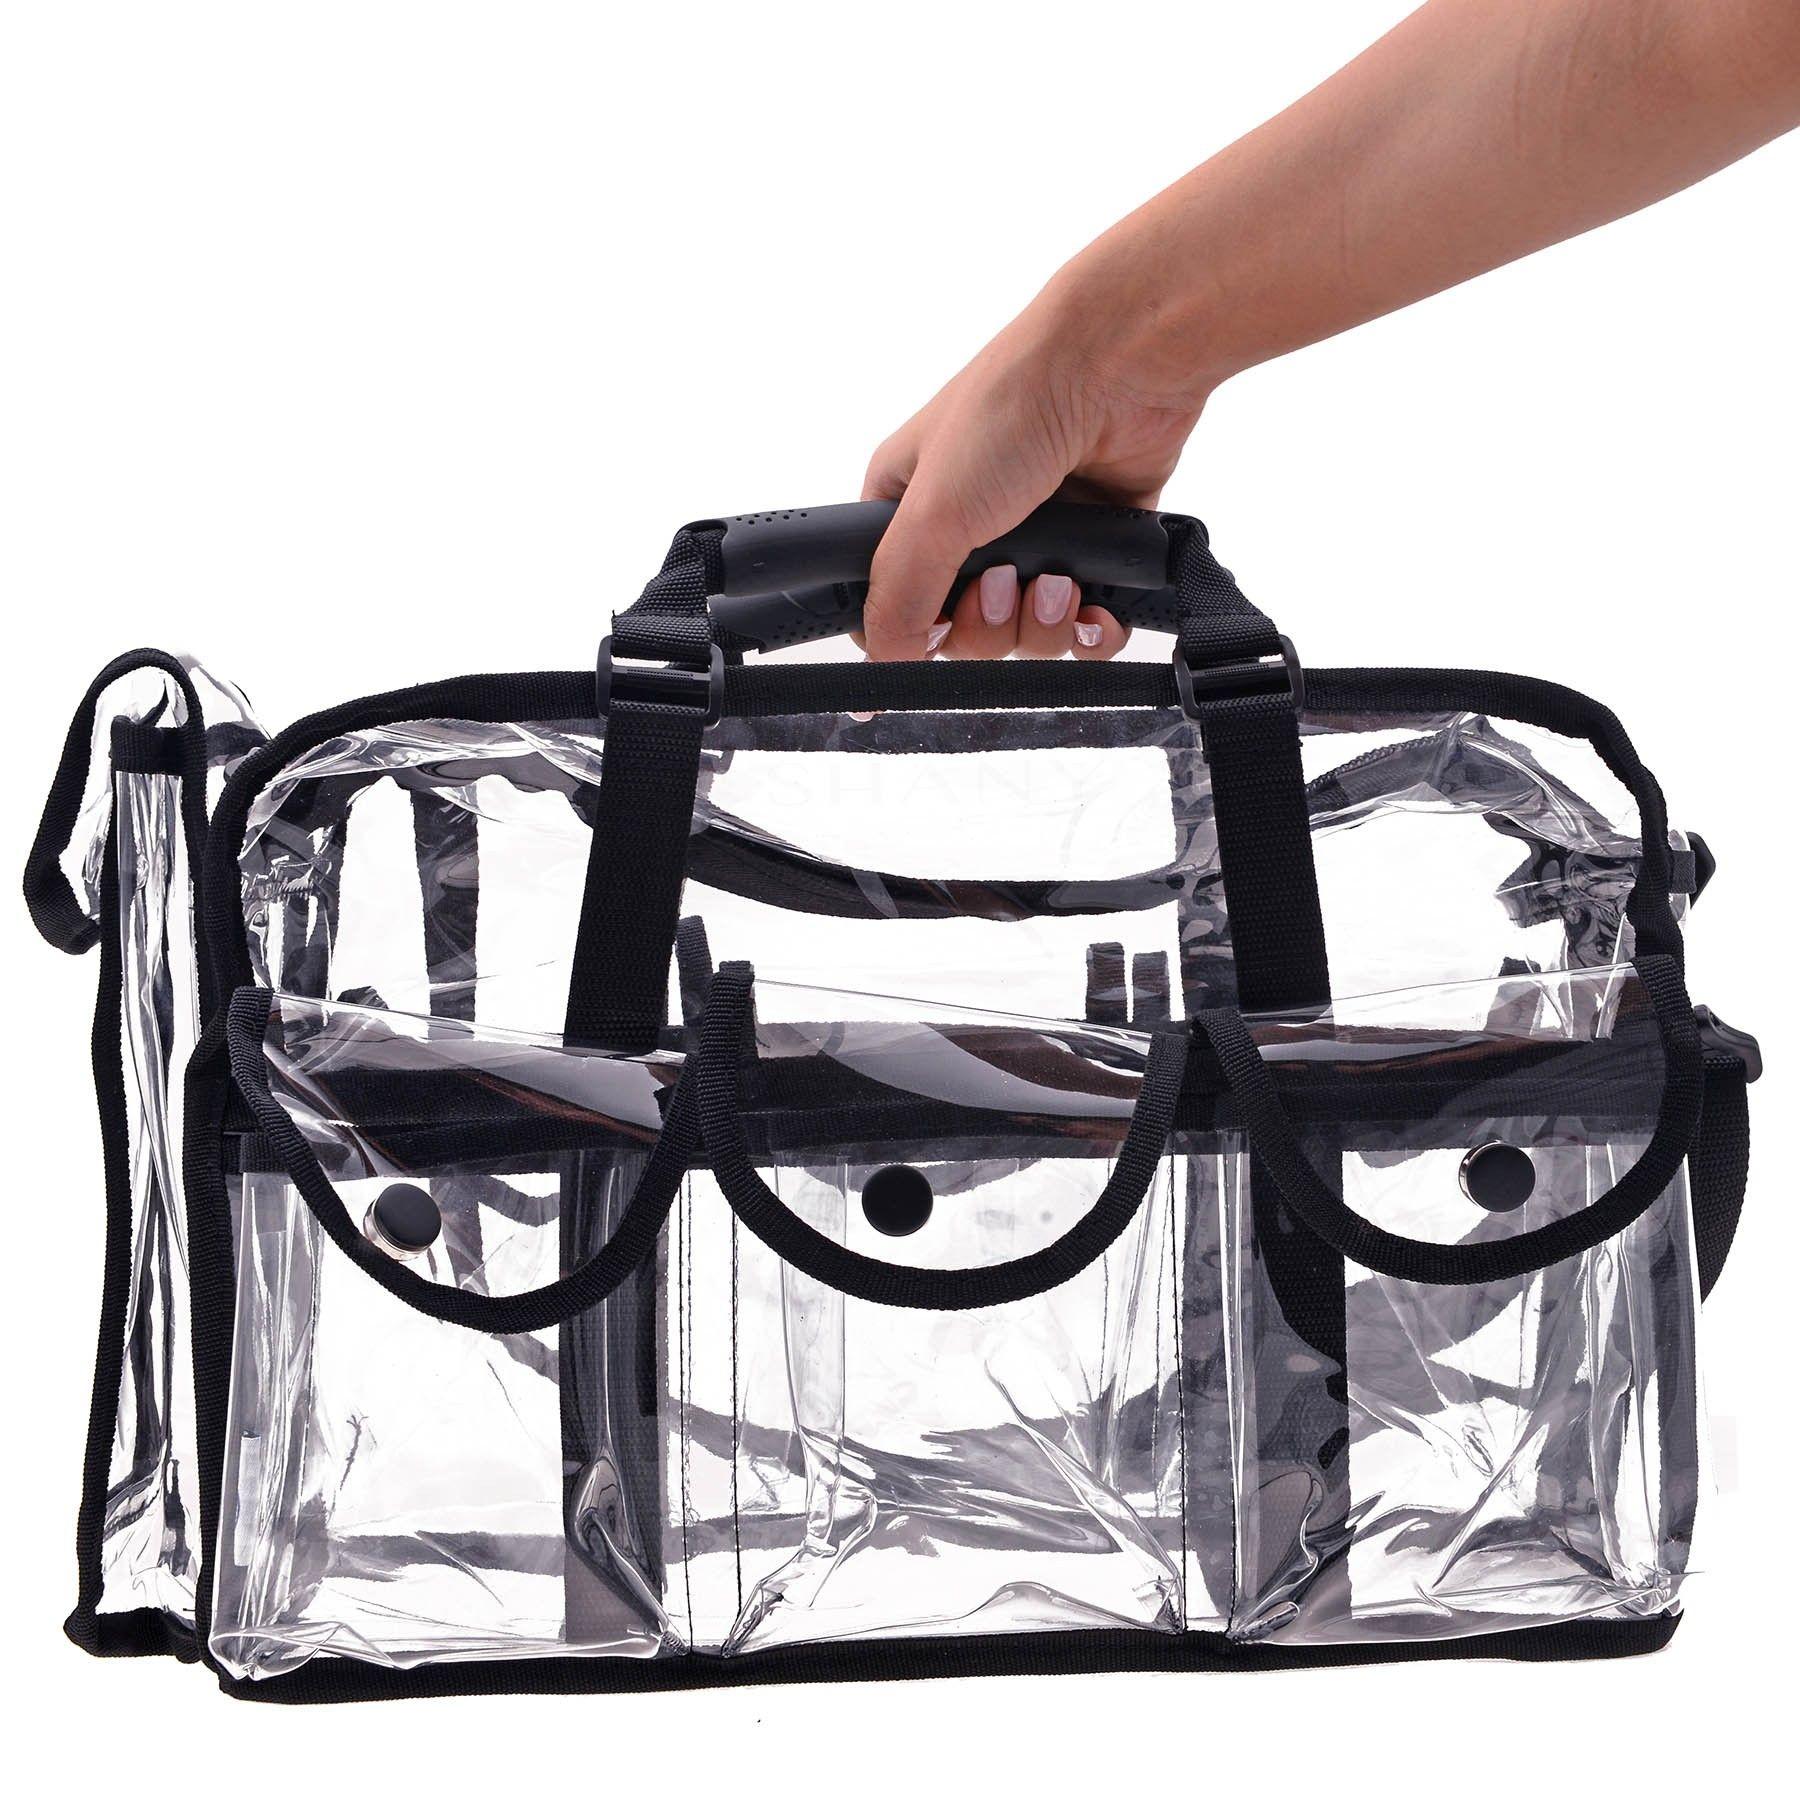 Clear Makeup Bag, Pro Mua rectangular Bag with Shoulder